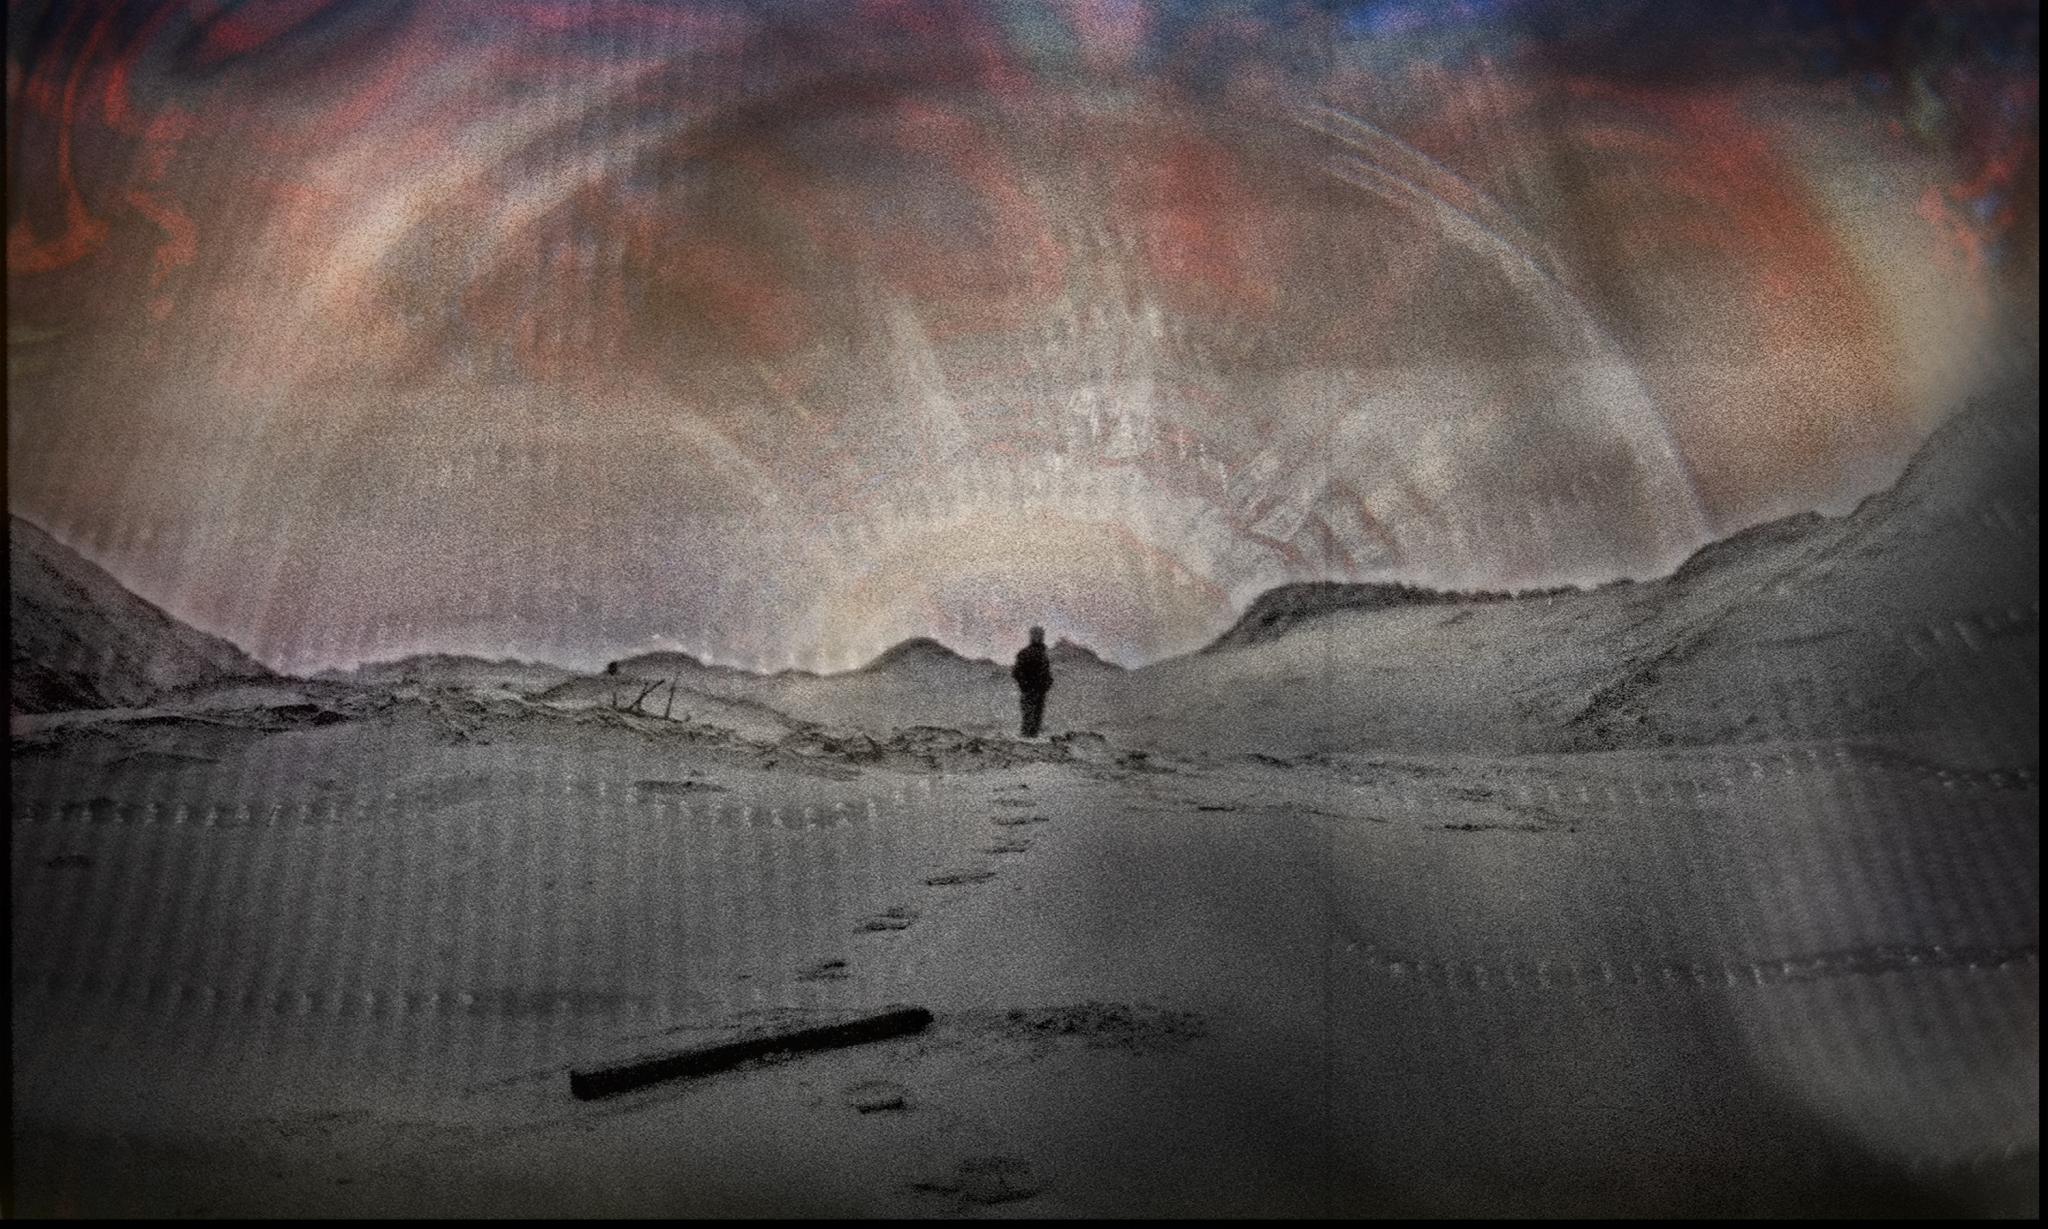 Berbe Rinders art KROOKS Spaceandtime